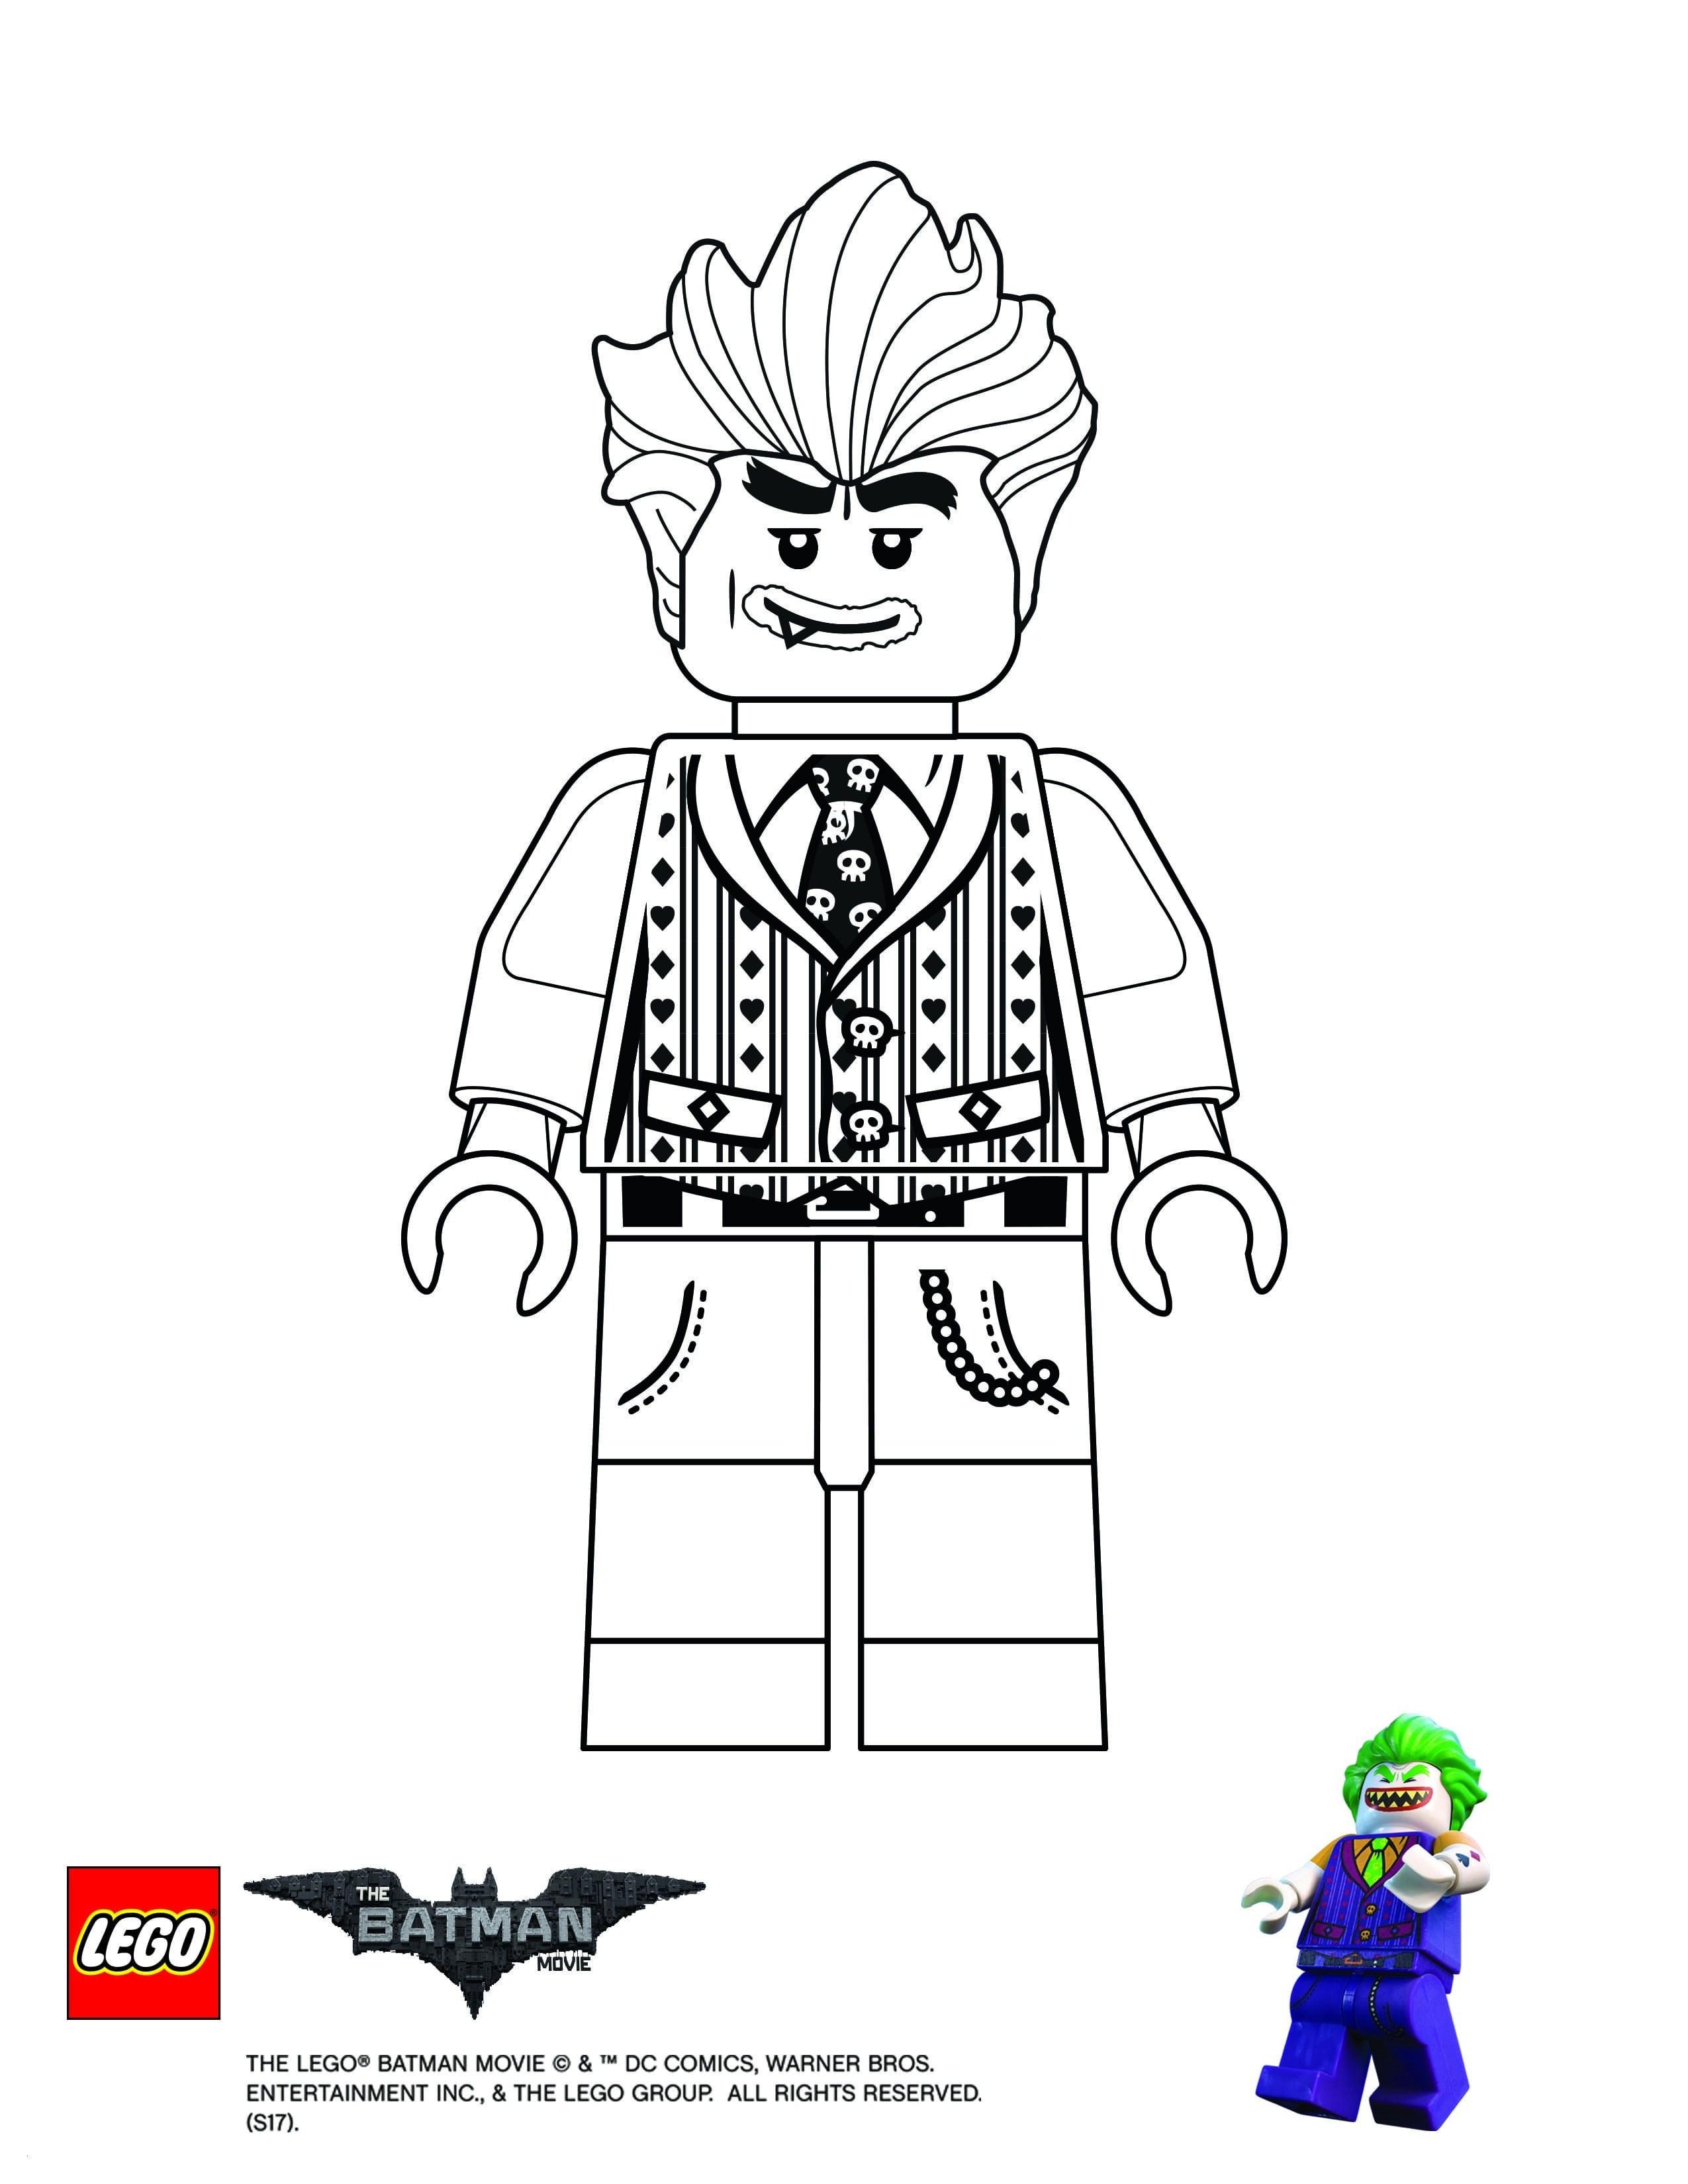 Lego Ausmalbilder Kostenlos Einzigartig 28 Malvorlagen Star Wars todesstern My Blog Sammlung